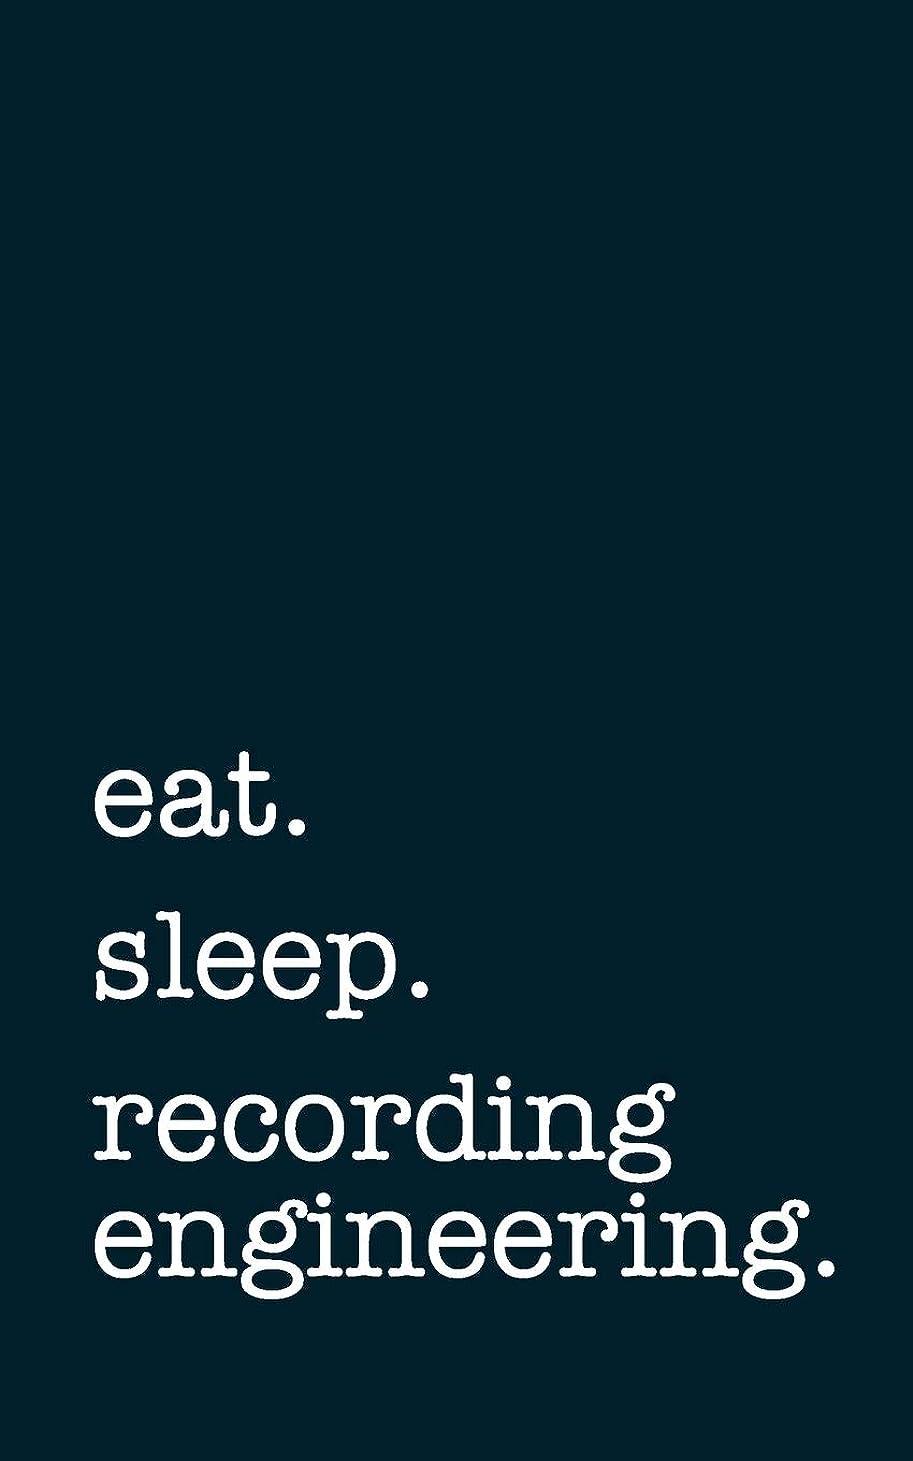 貯水池貼り直す取るeat. sleep. recording engineering. - Lined Notebook: Writing Journal